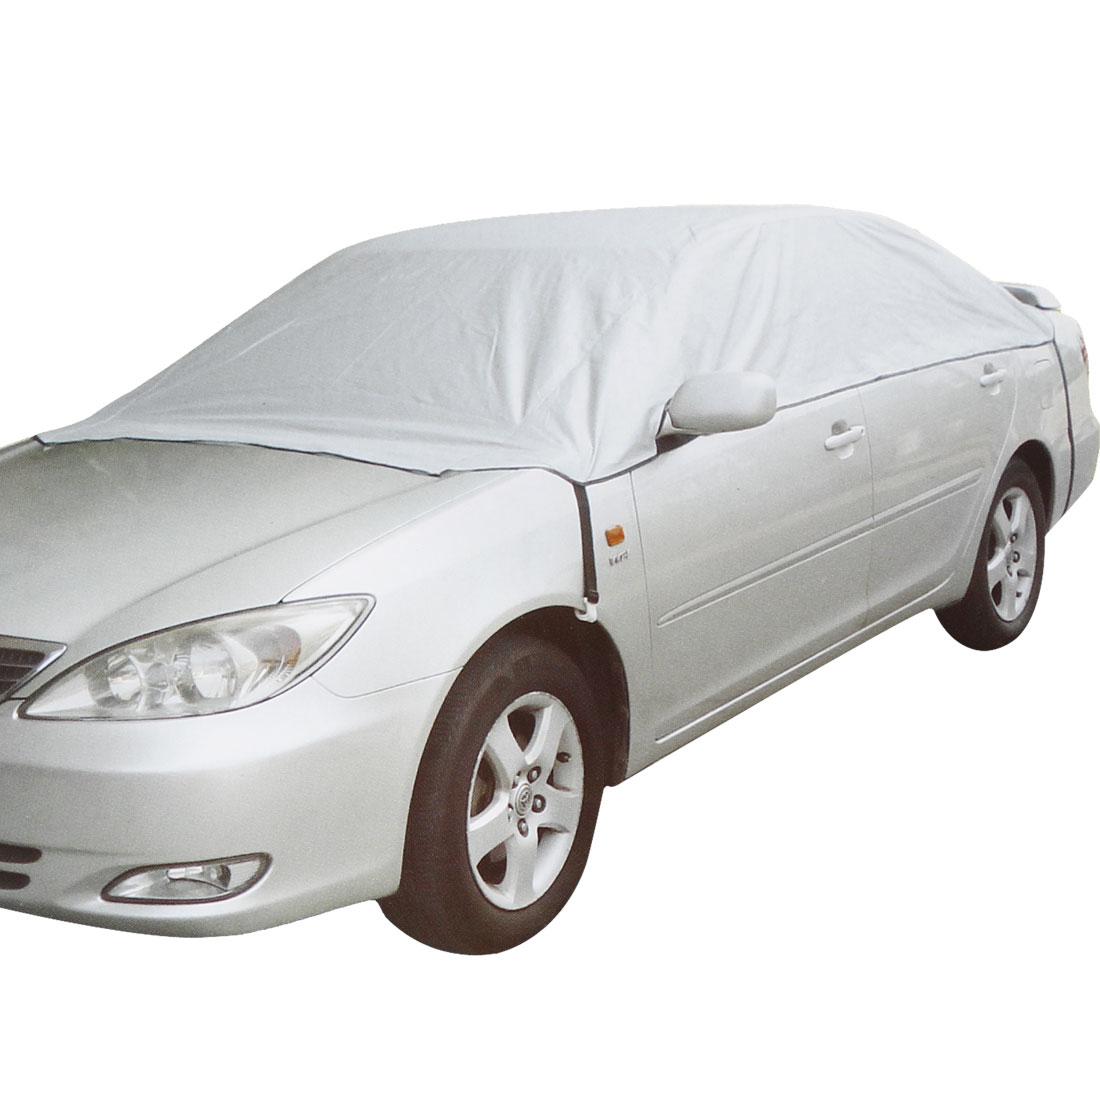 356 x 232cm Silver Tone Non-woven Reflective Half Cover for Auto Car